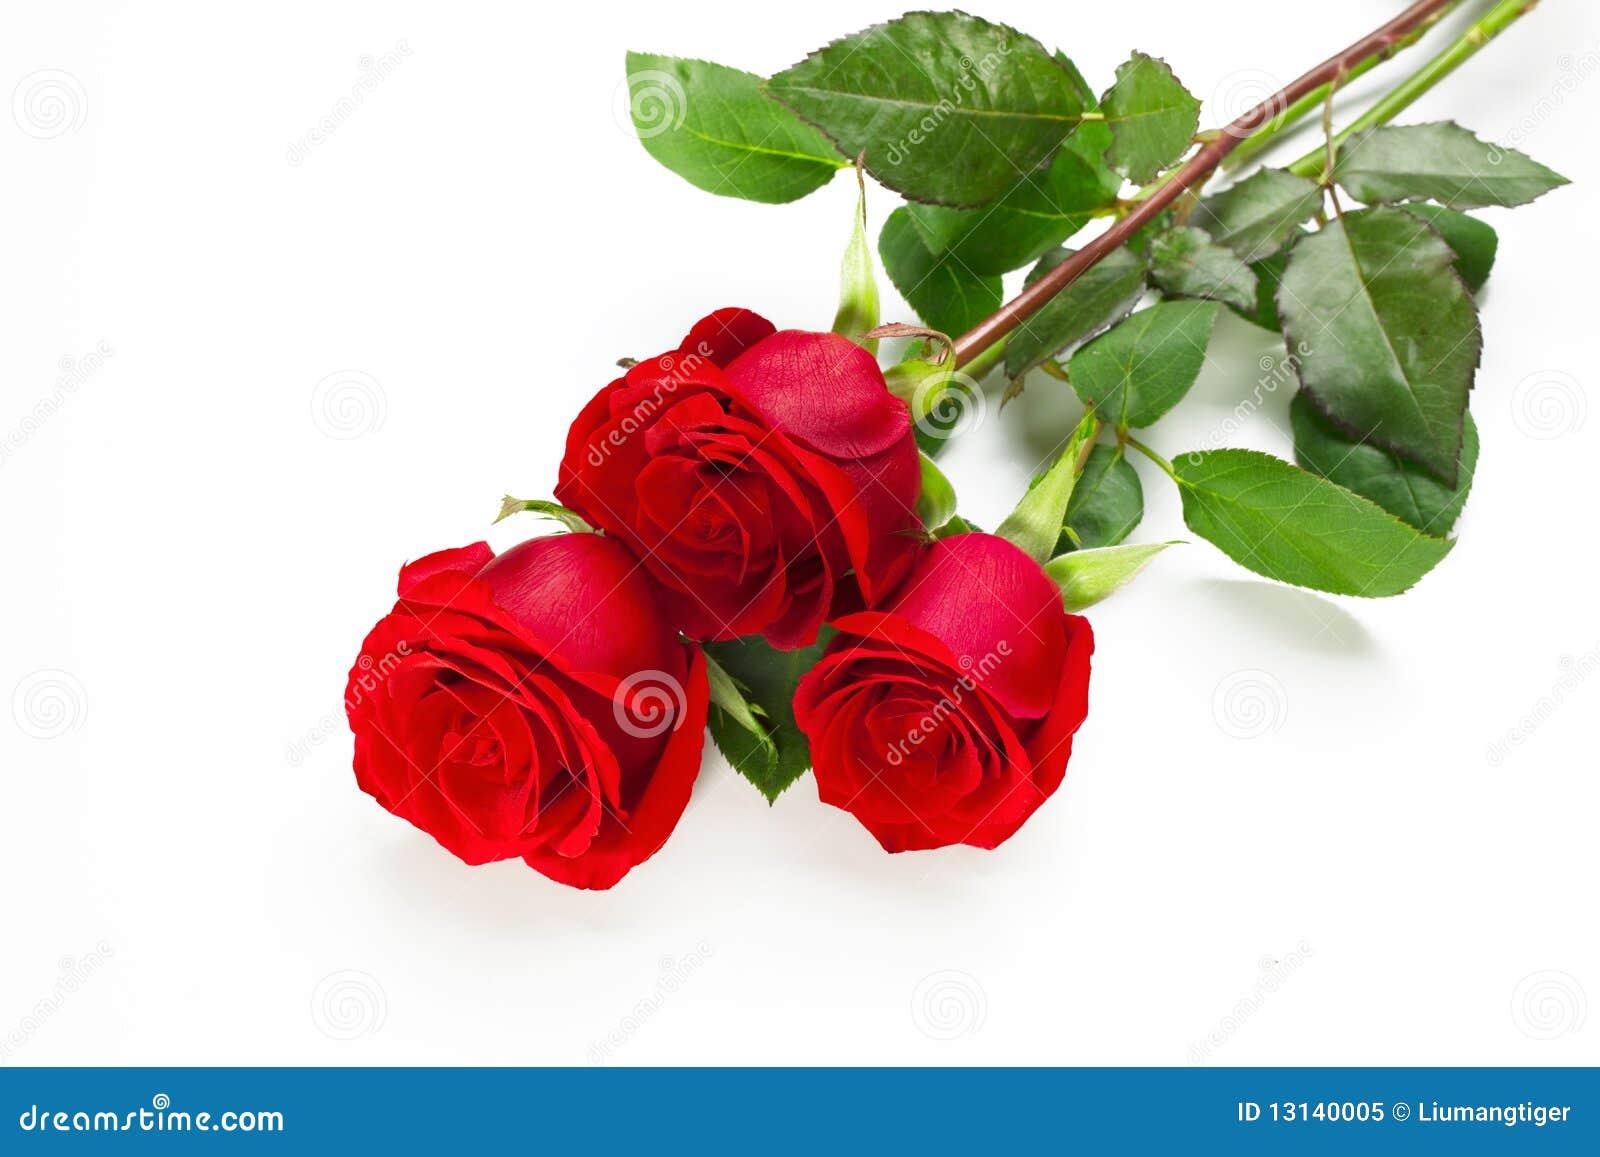 drei rote rosen stockbild bild von blumenblatt verpflichtung 13140005. Black Bedroom Furniture Sets. Home Design Ideas